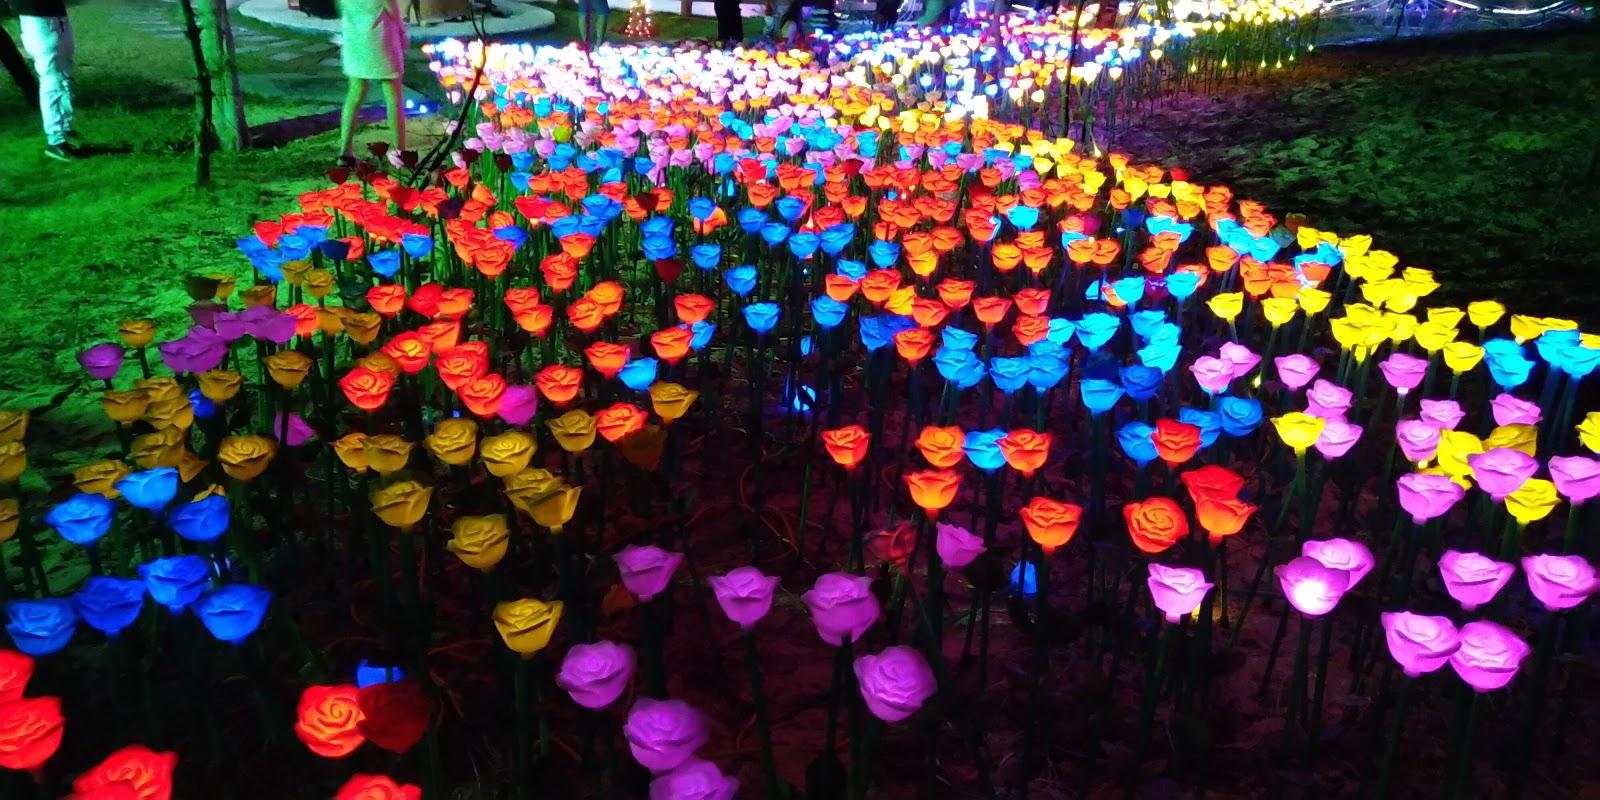 vườn hoa ánh sáng